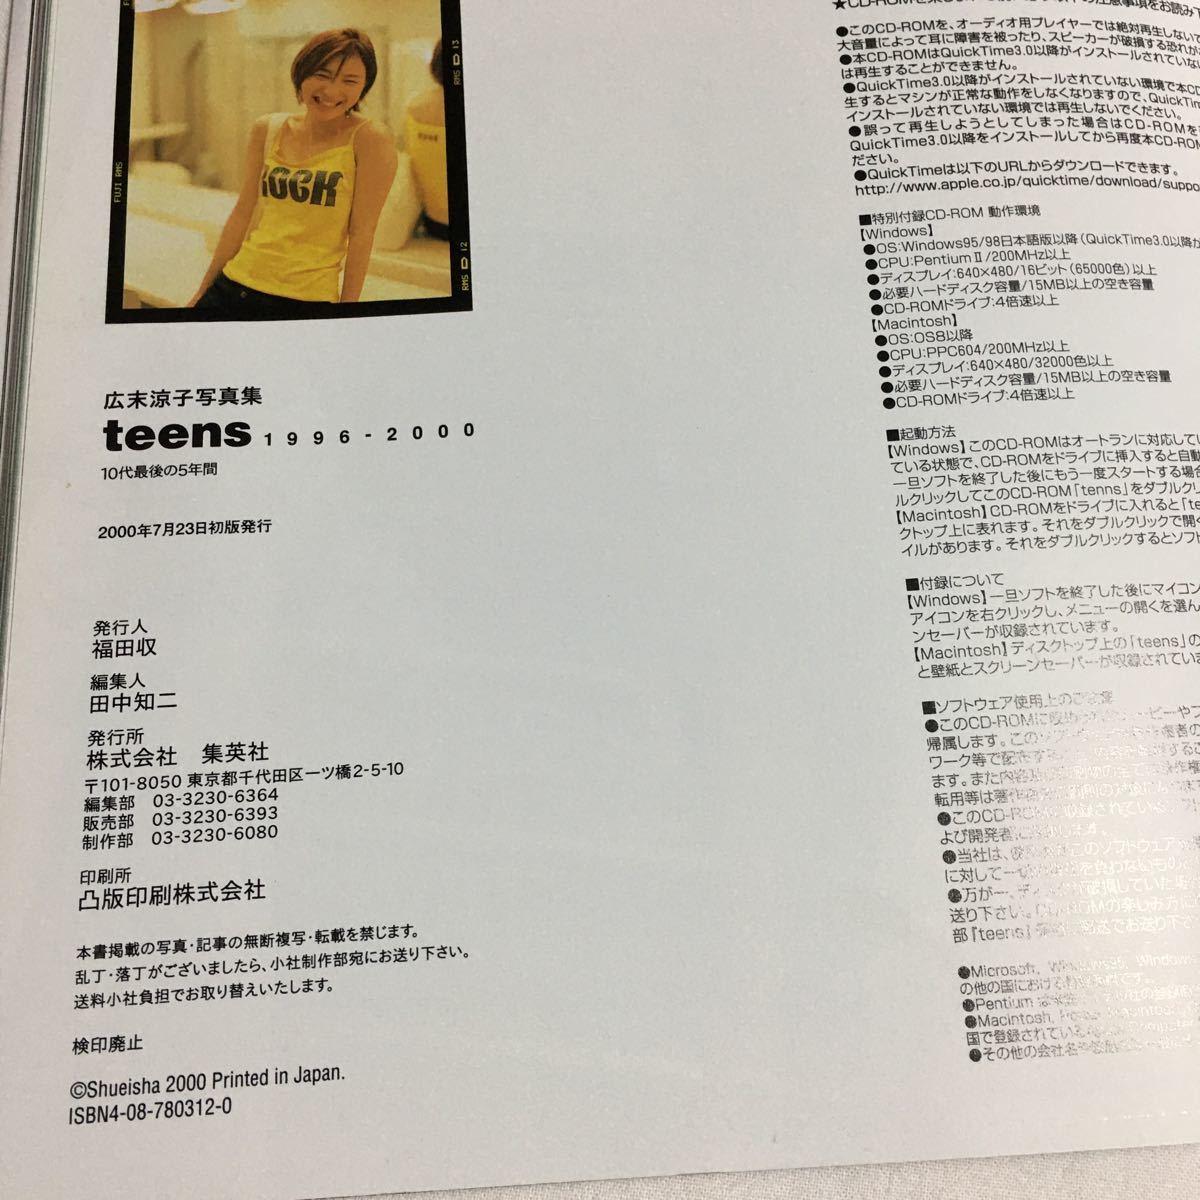 ヤフオク 帯付写真集 広末涼子 Teens 1996 00 Cd Rom付